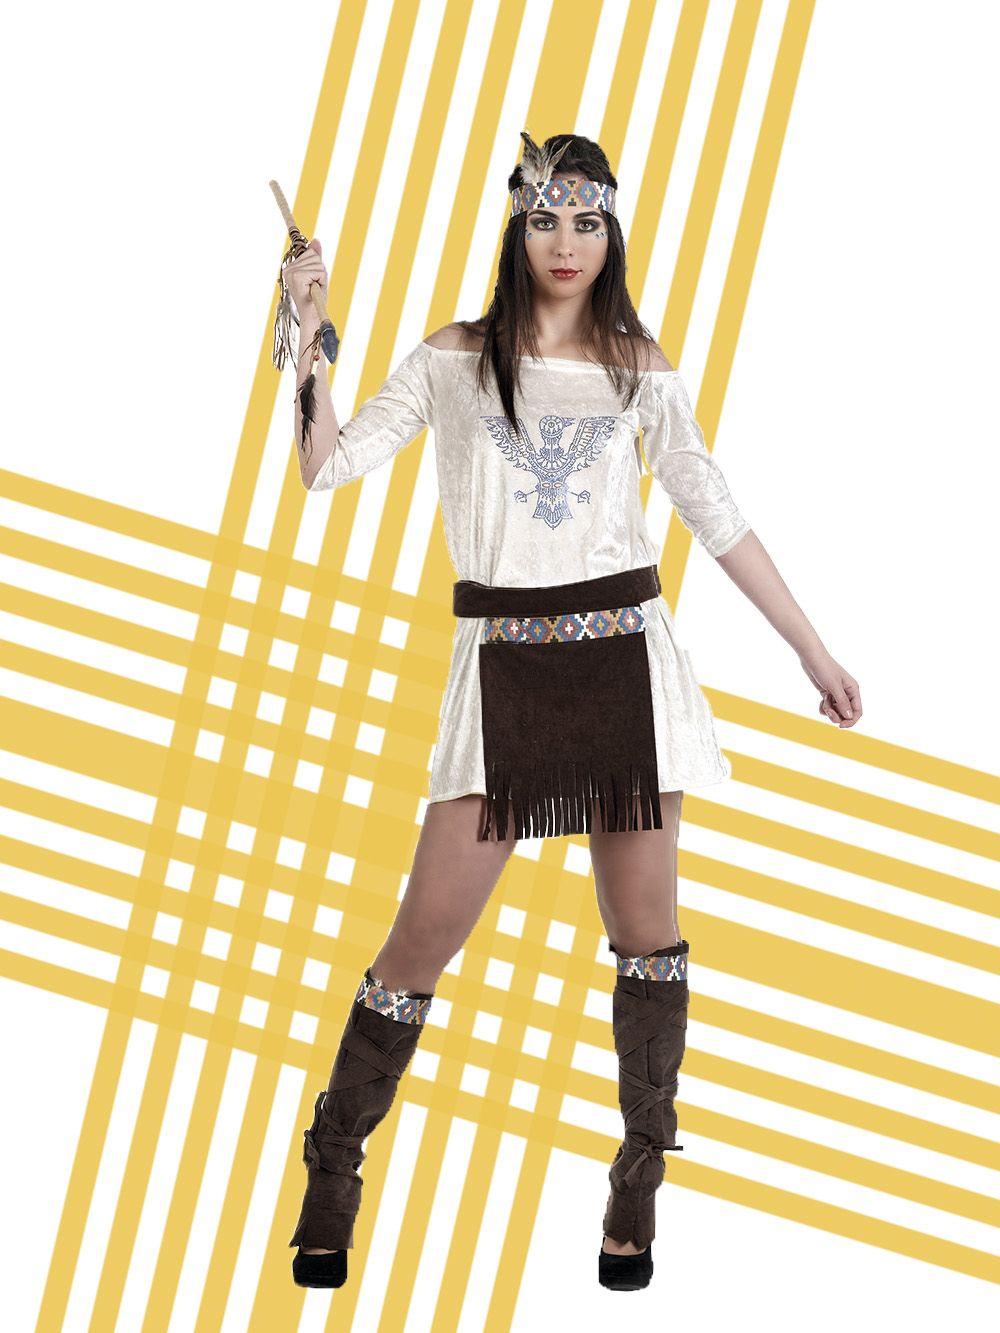 Disfraz de india disfraces para carnaval disfraz - Disfraces carnaval original ...